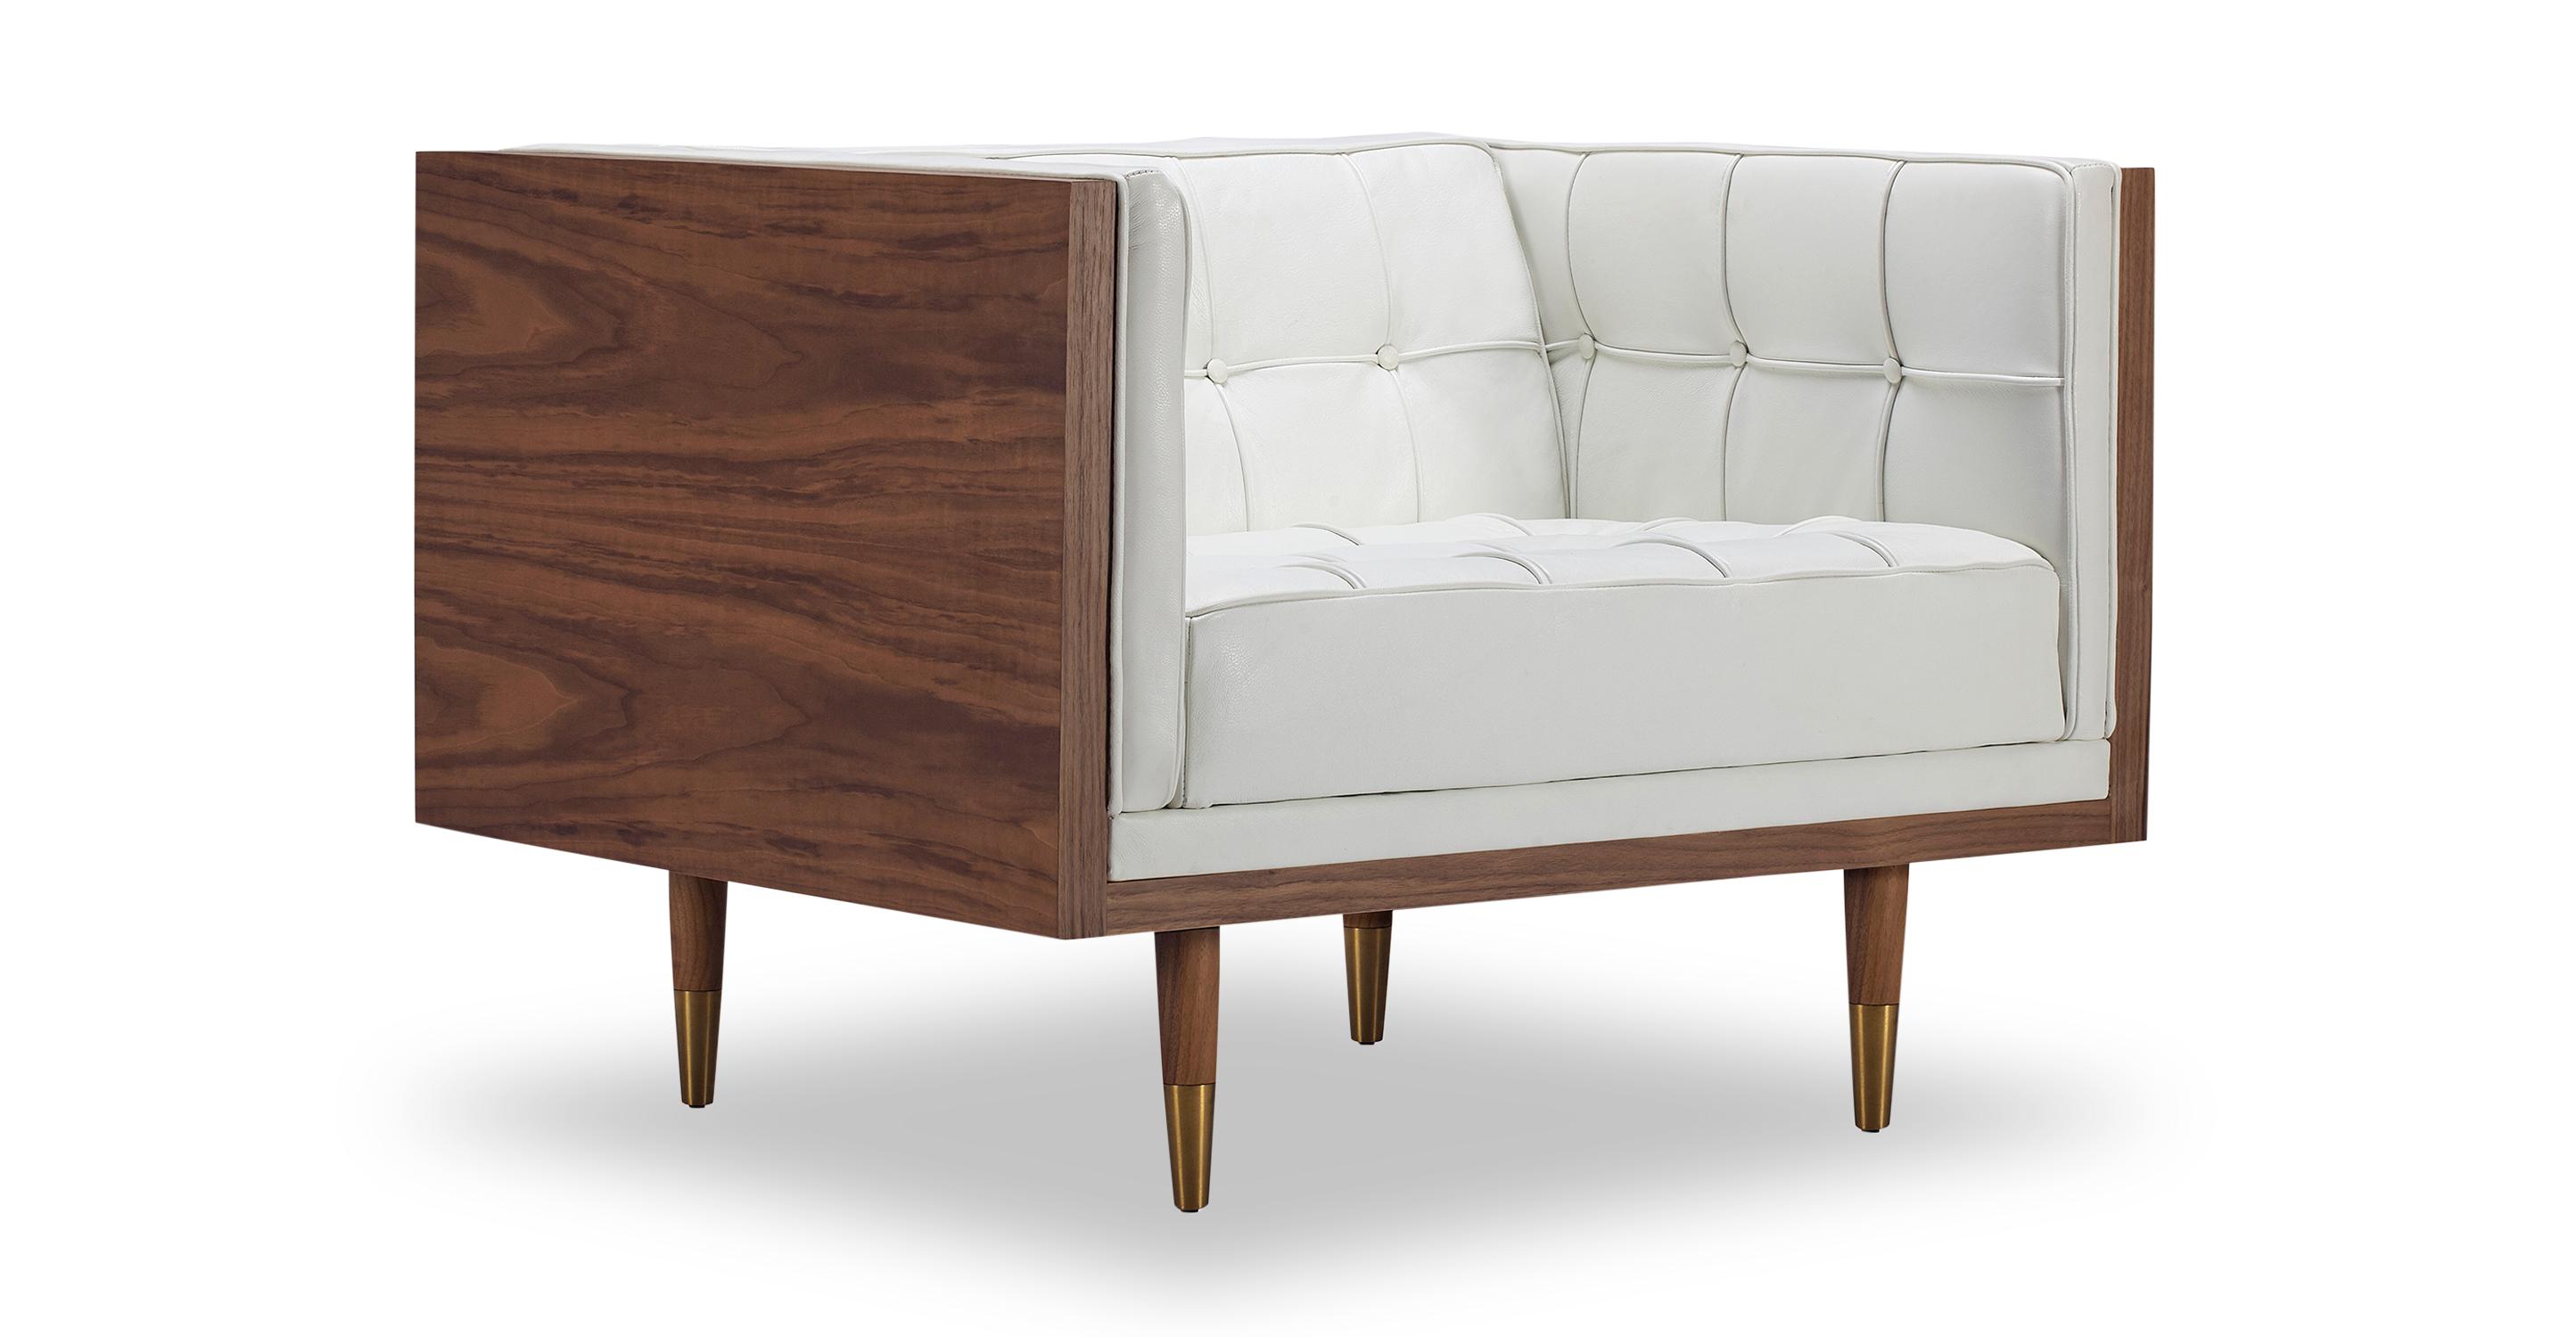 Woodrow Box Leather Chair, Walnut/White Aniline